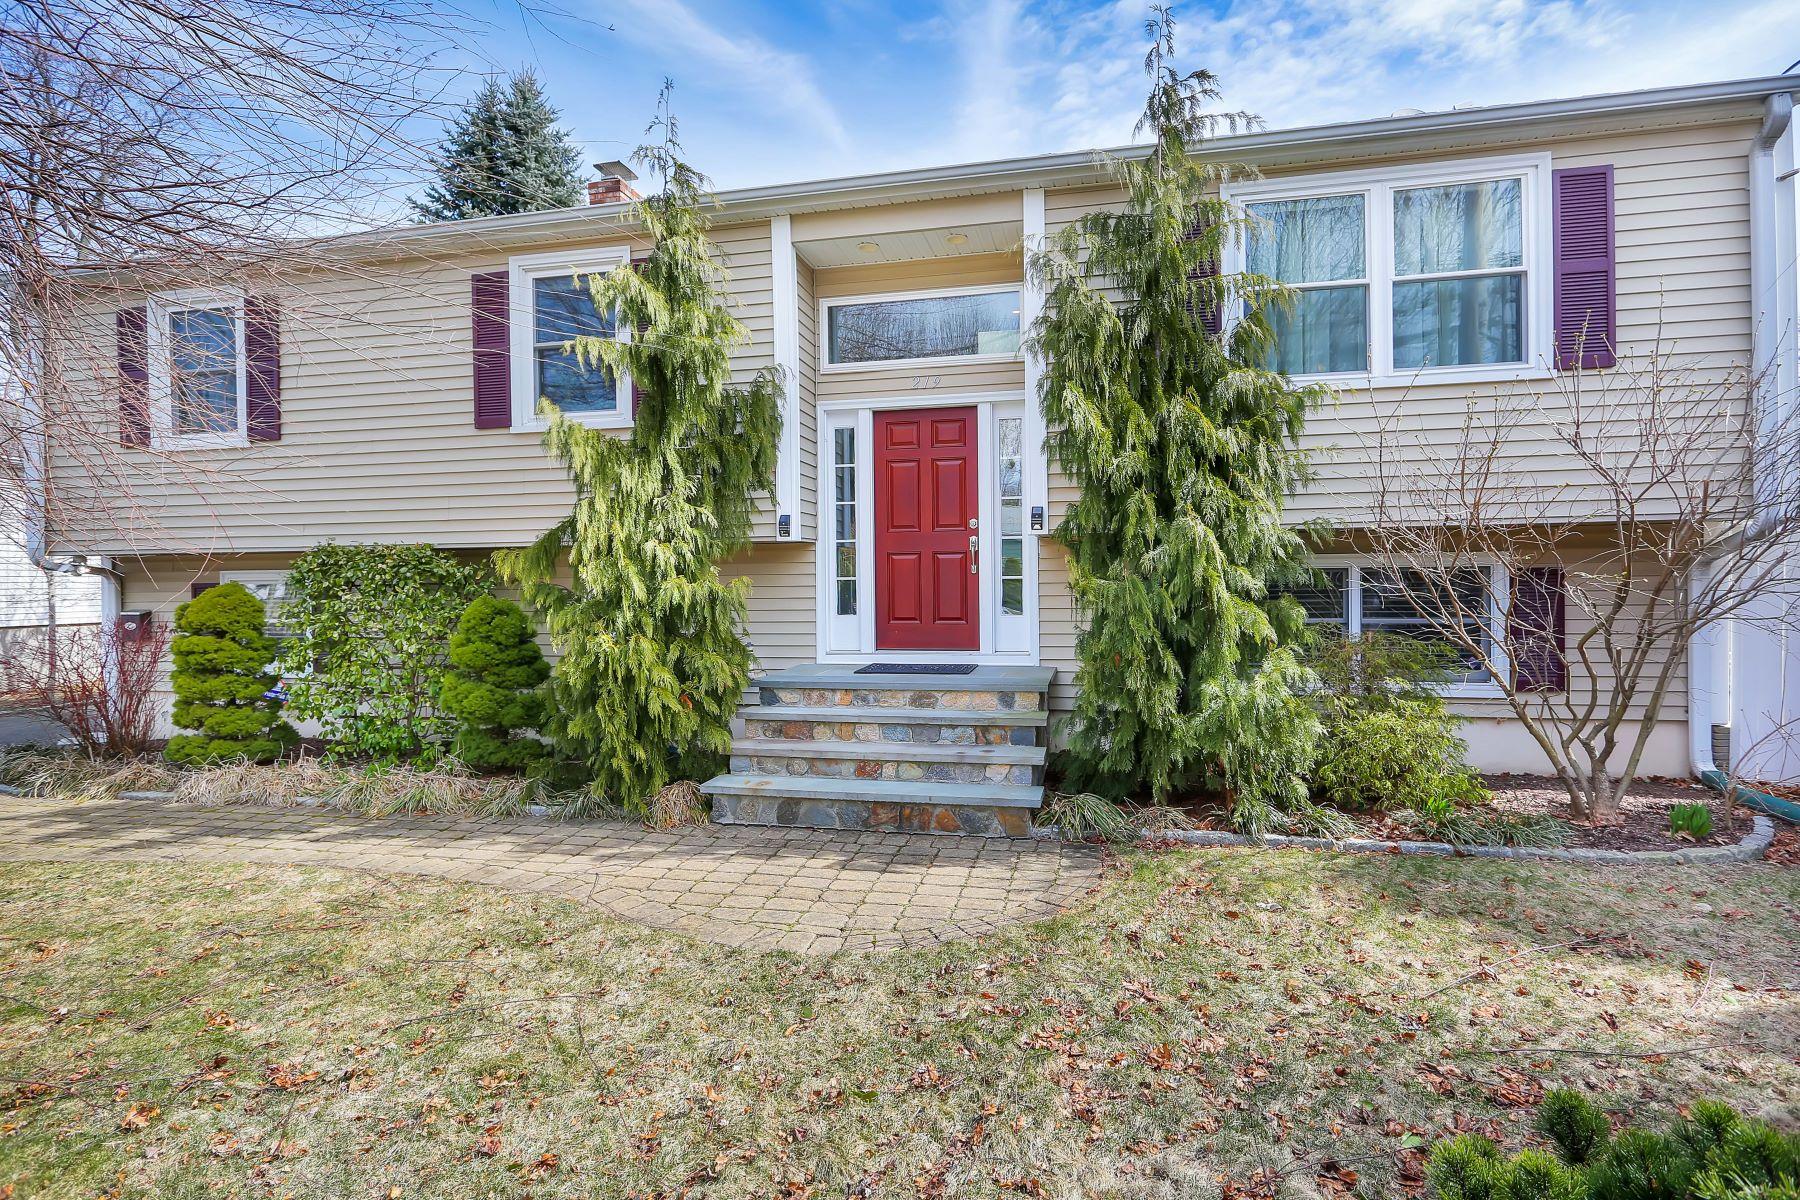 獨棟家庭住宅 為 出售 在 Designer Home 219 Maplewood Avenue Milford, 康涅狄格州 06460 美國